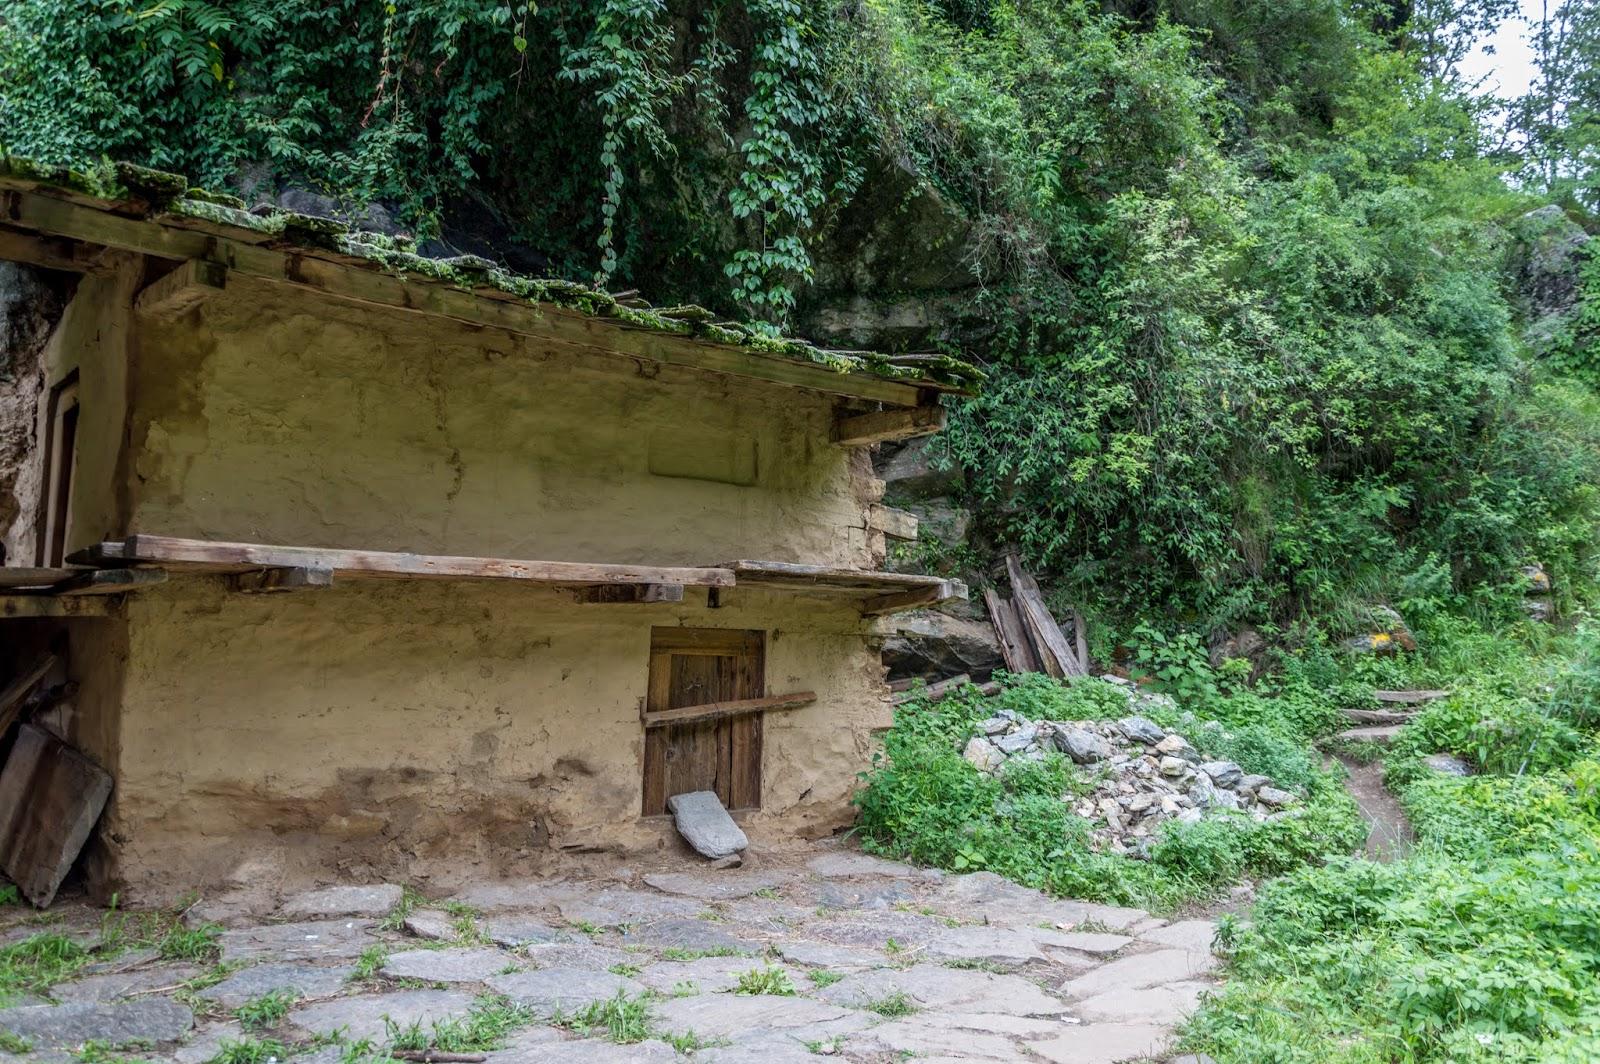 Kuchha mud house near Singhaad enroute Srikhand Mahadev Yatra